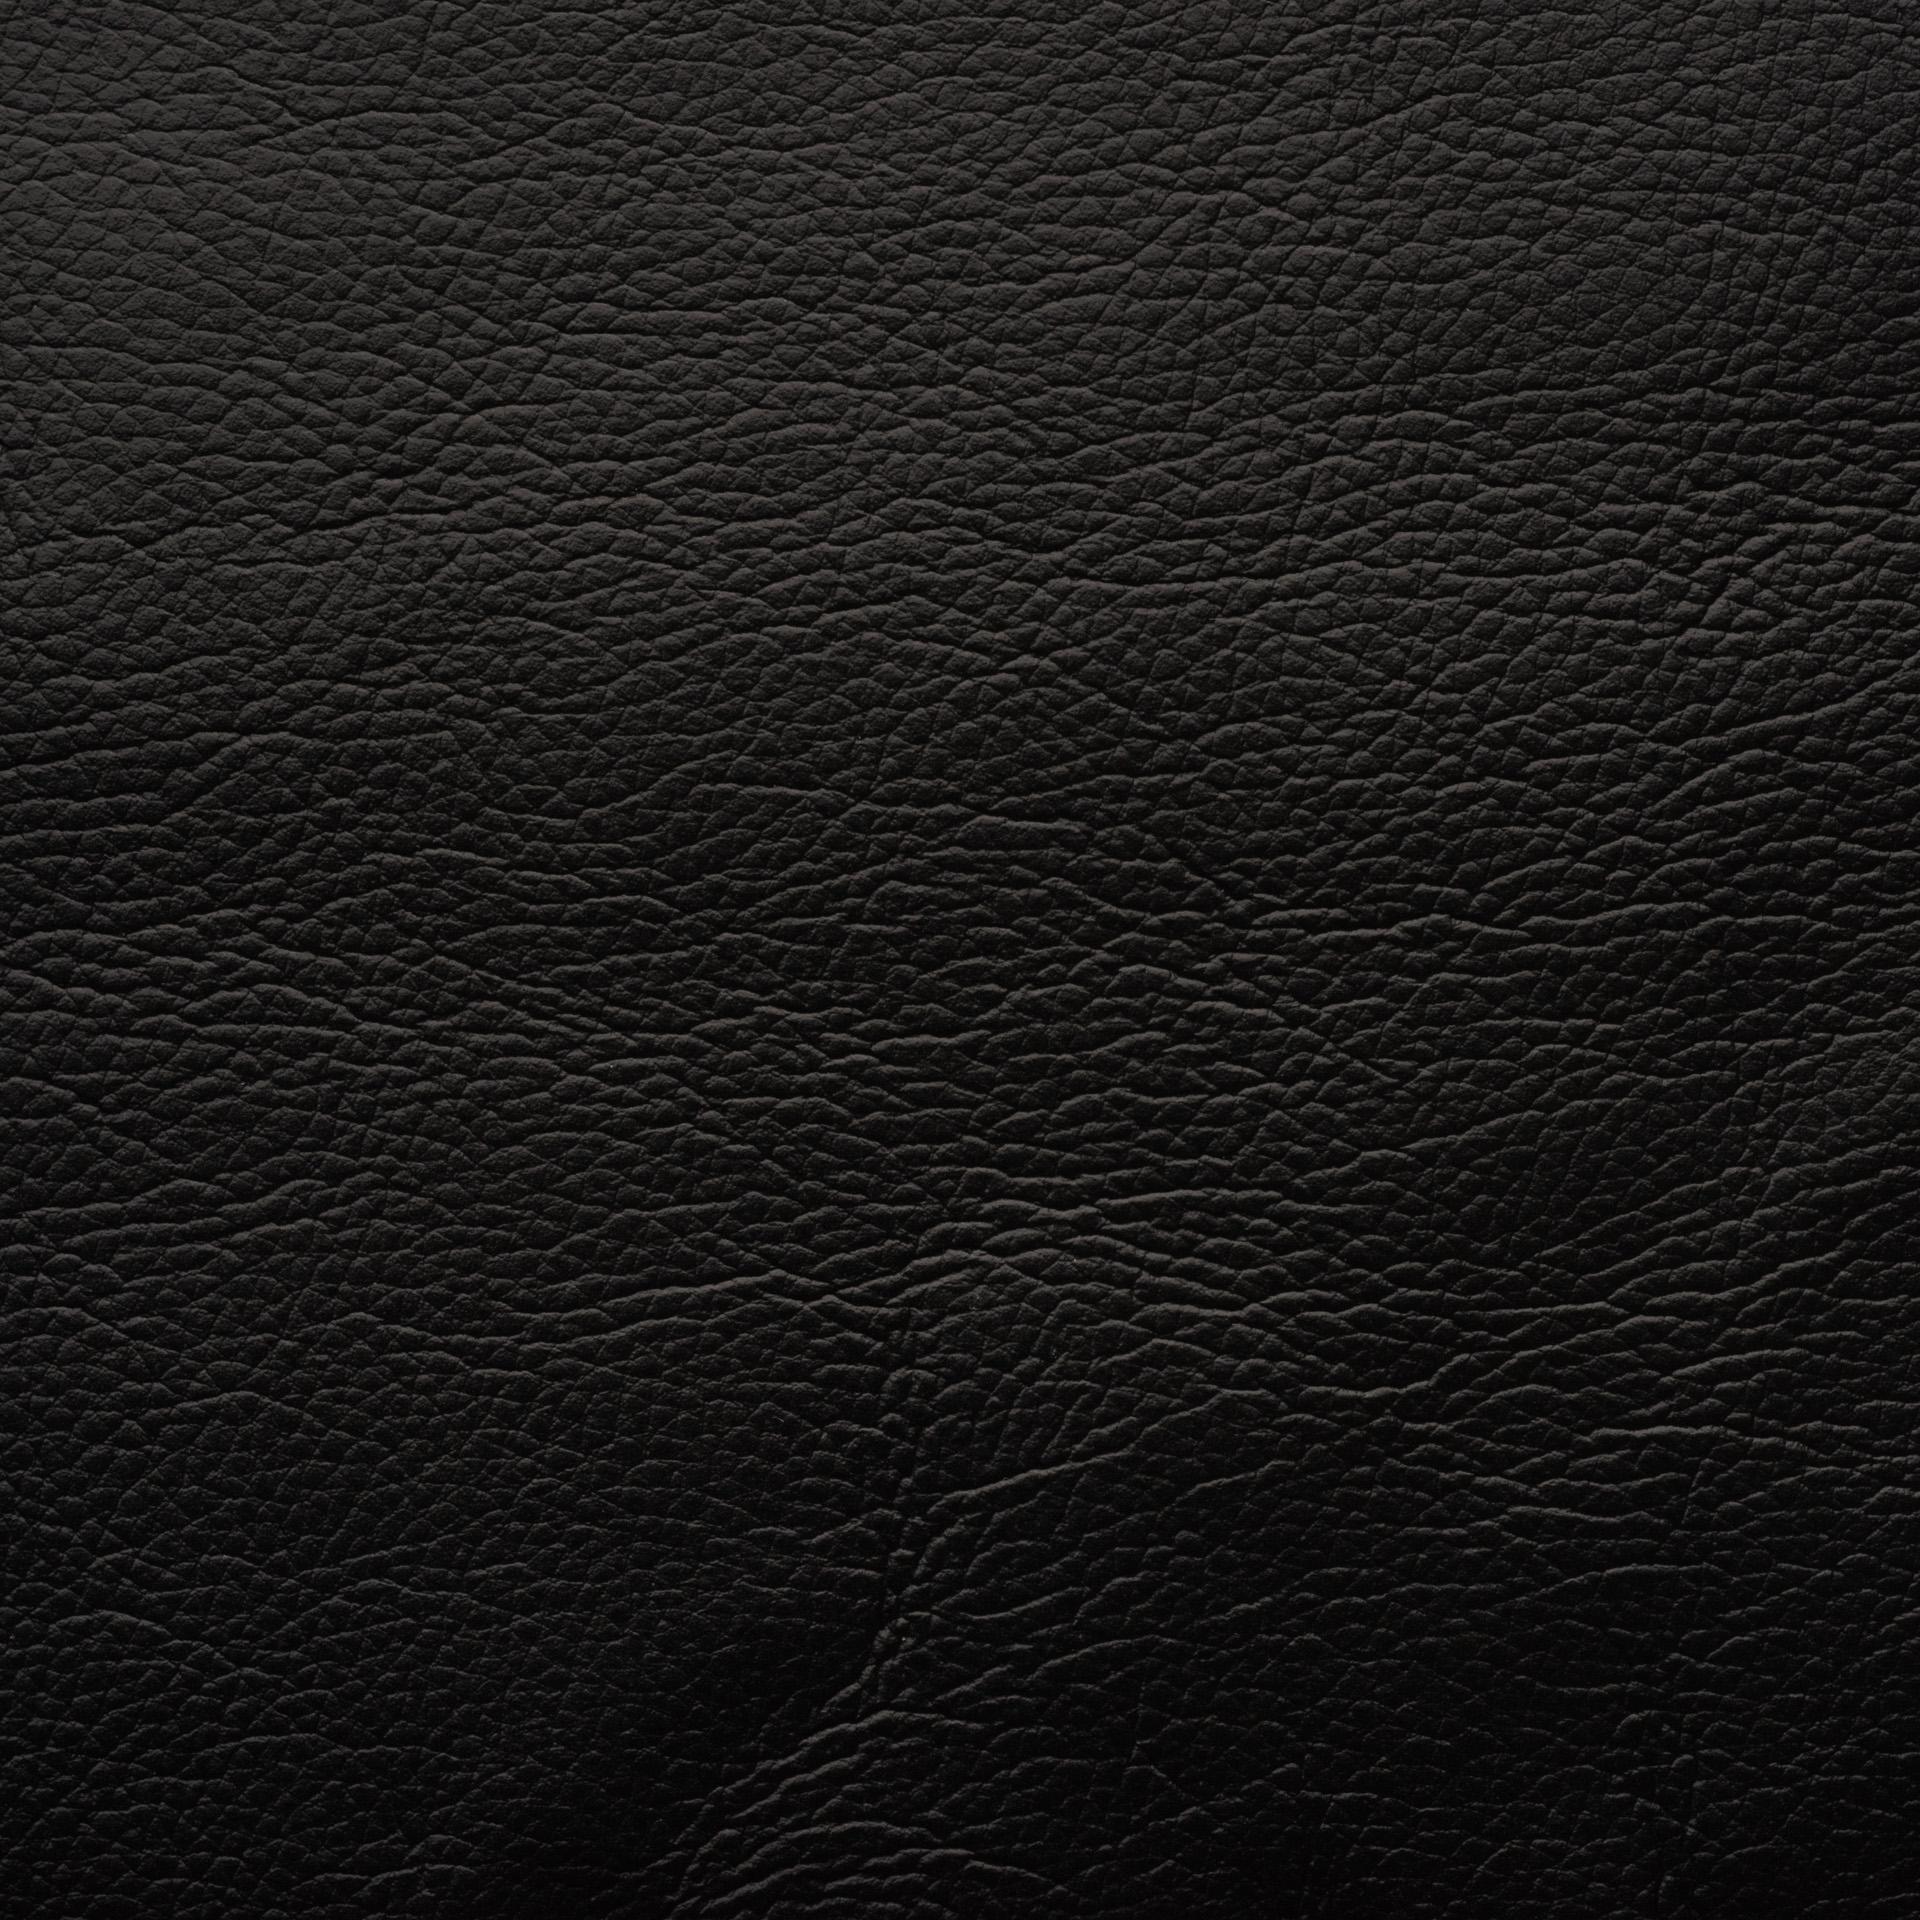 Коллекция ткани Леонардо Каппеллини 13 MIDNIGHT,  купить ткань Кож зам для мебели Украина